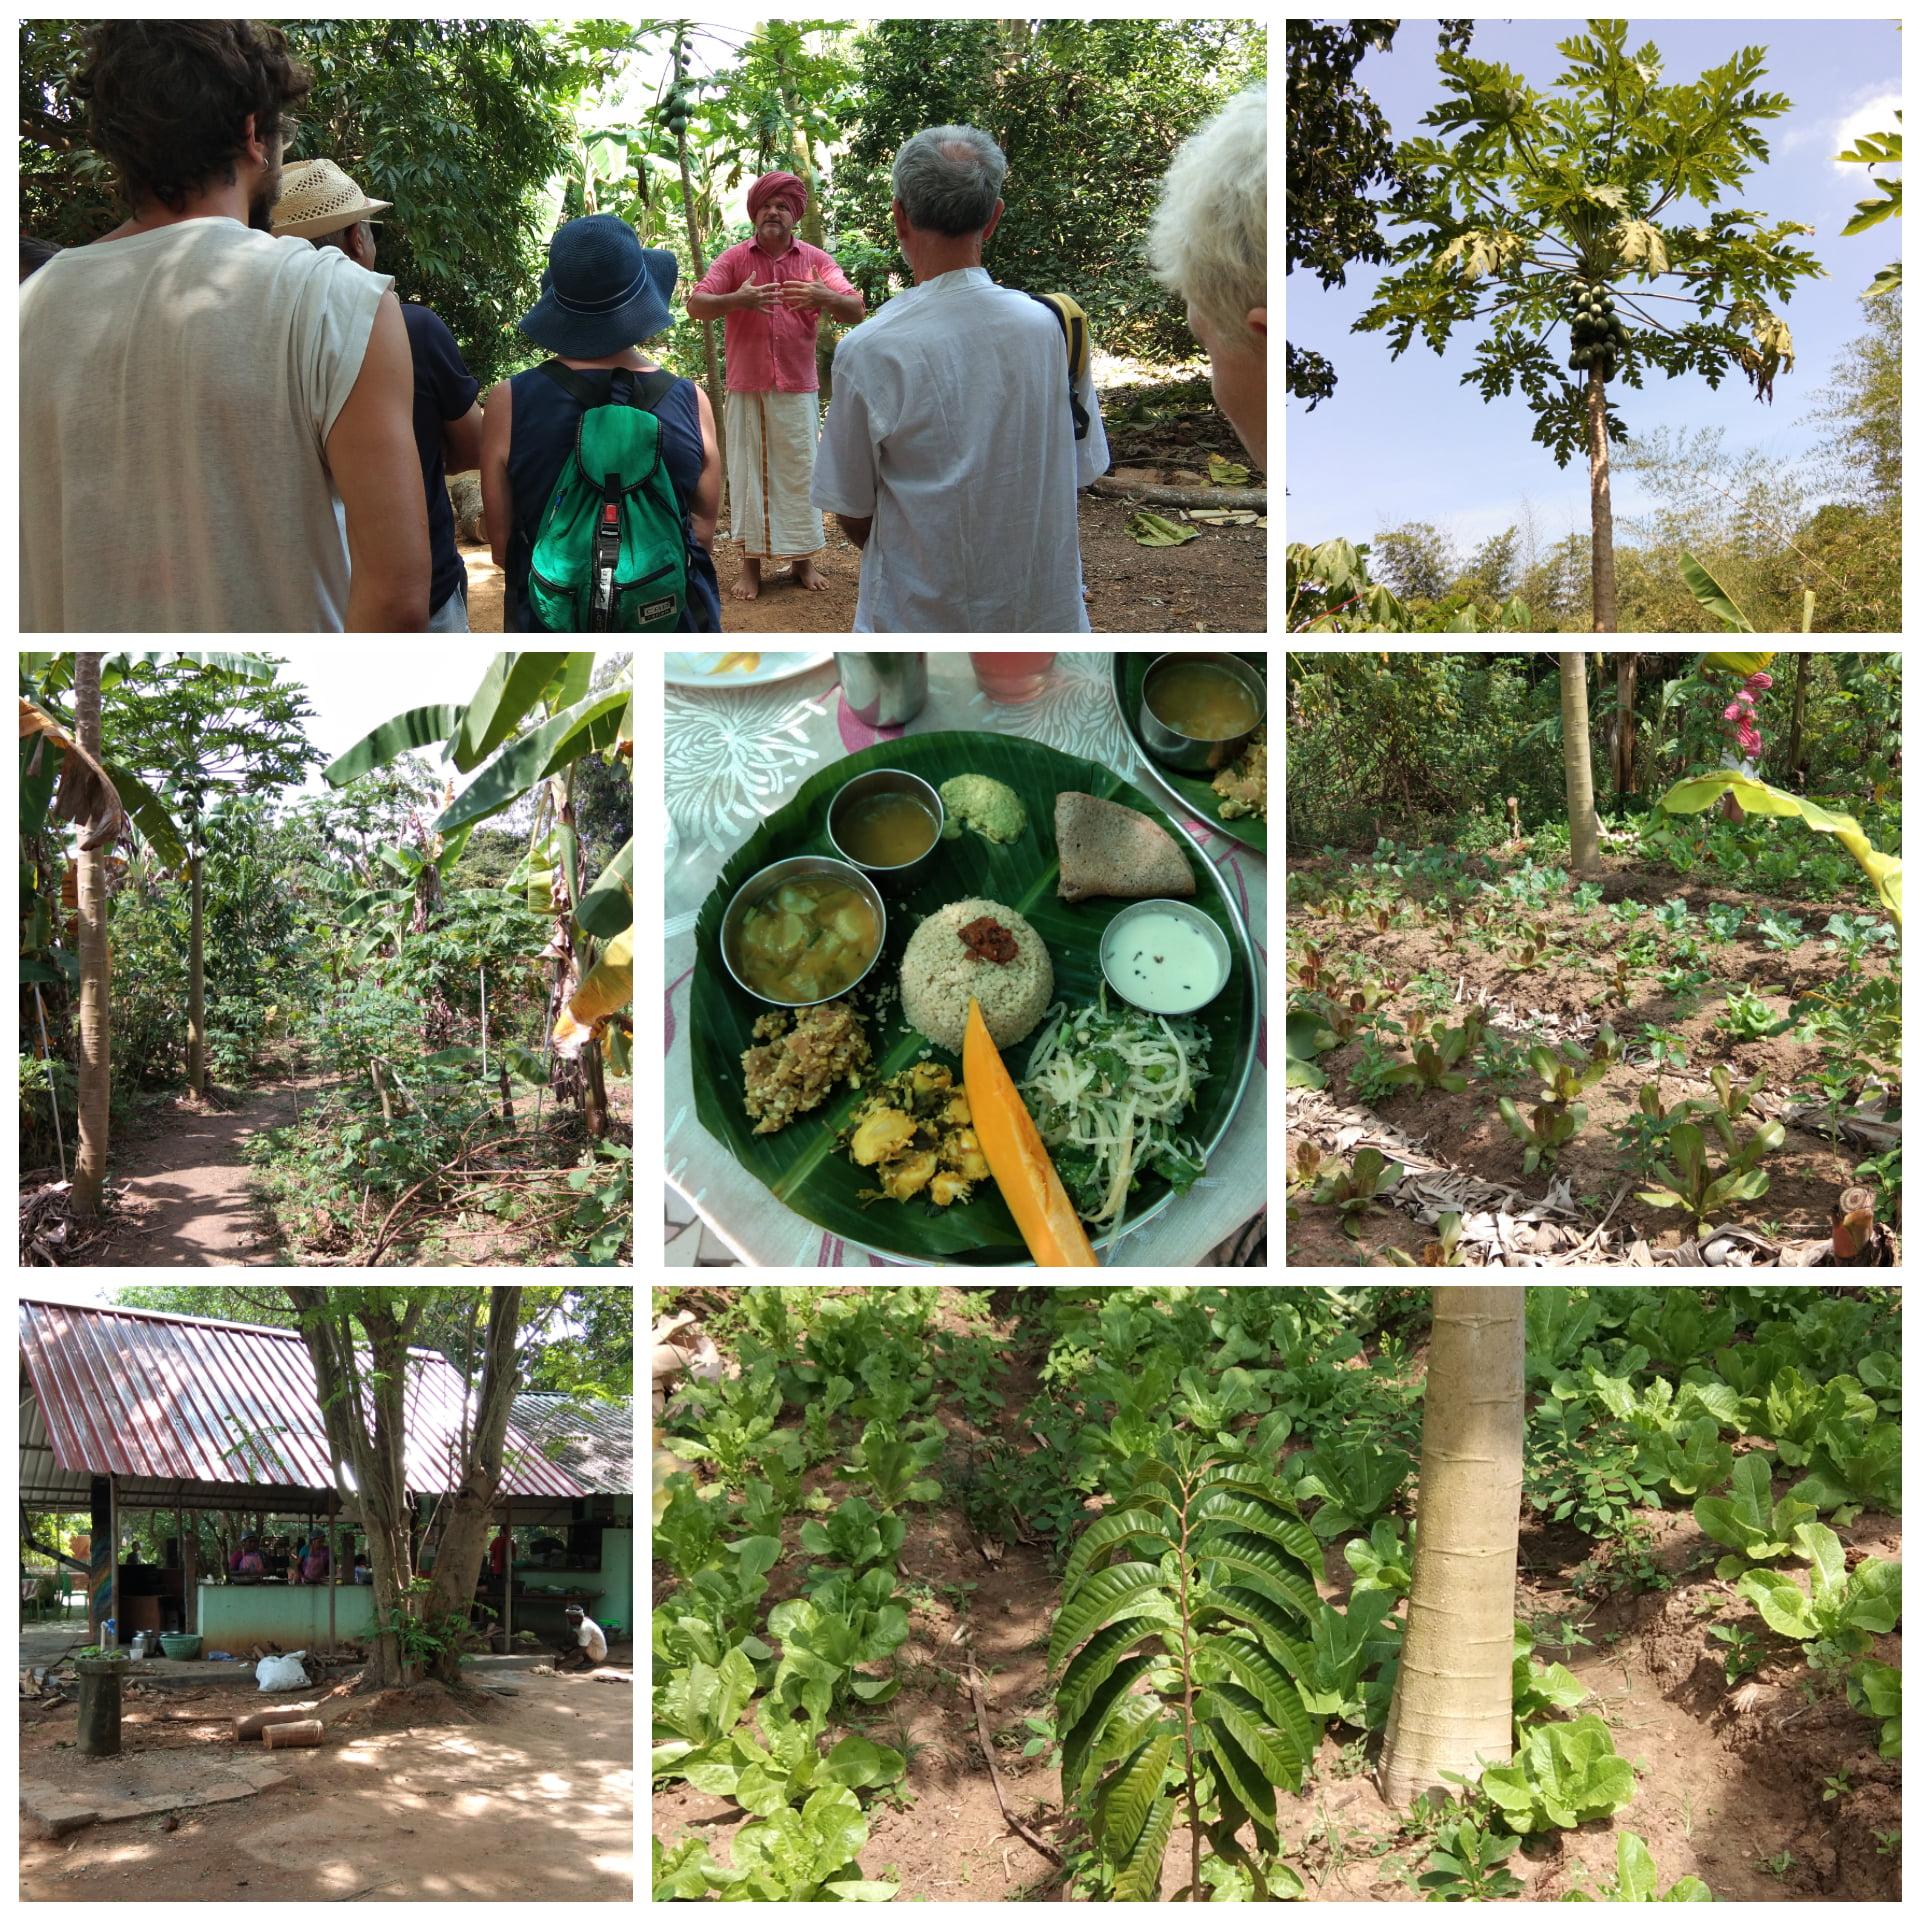 Petit séjour à Pondichéry, Auroville & Mahabalipuram (Inde) 3